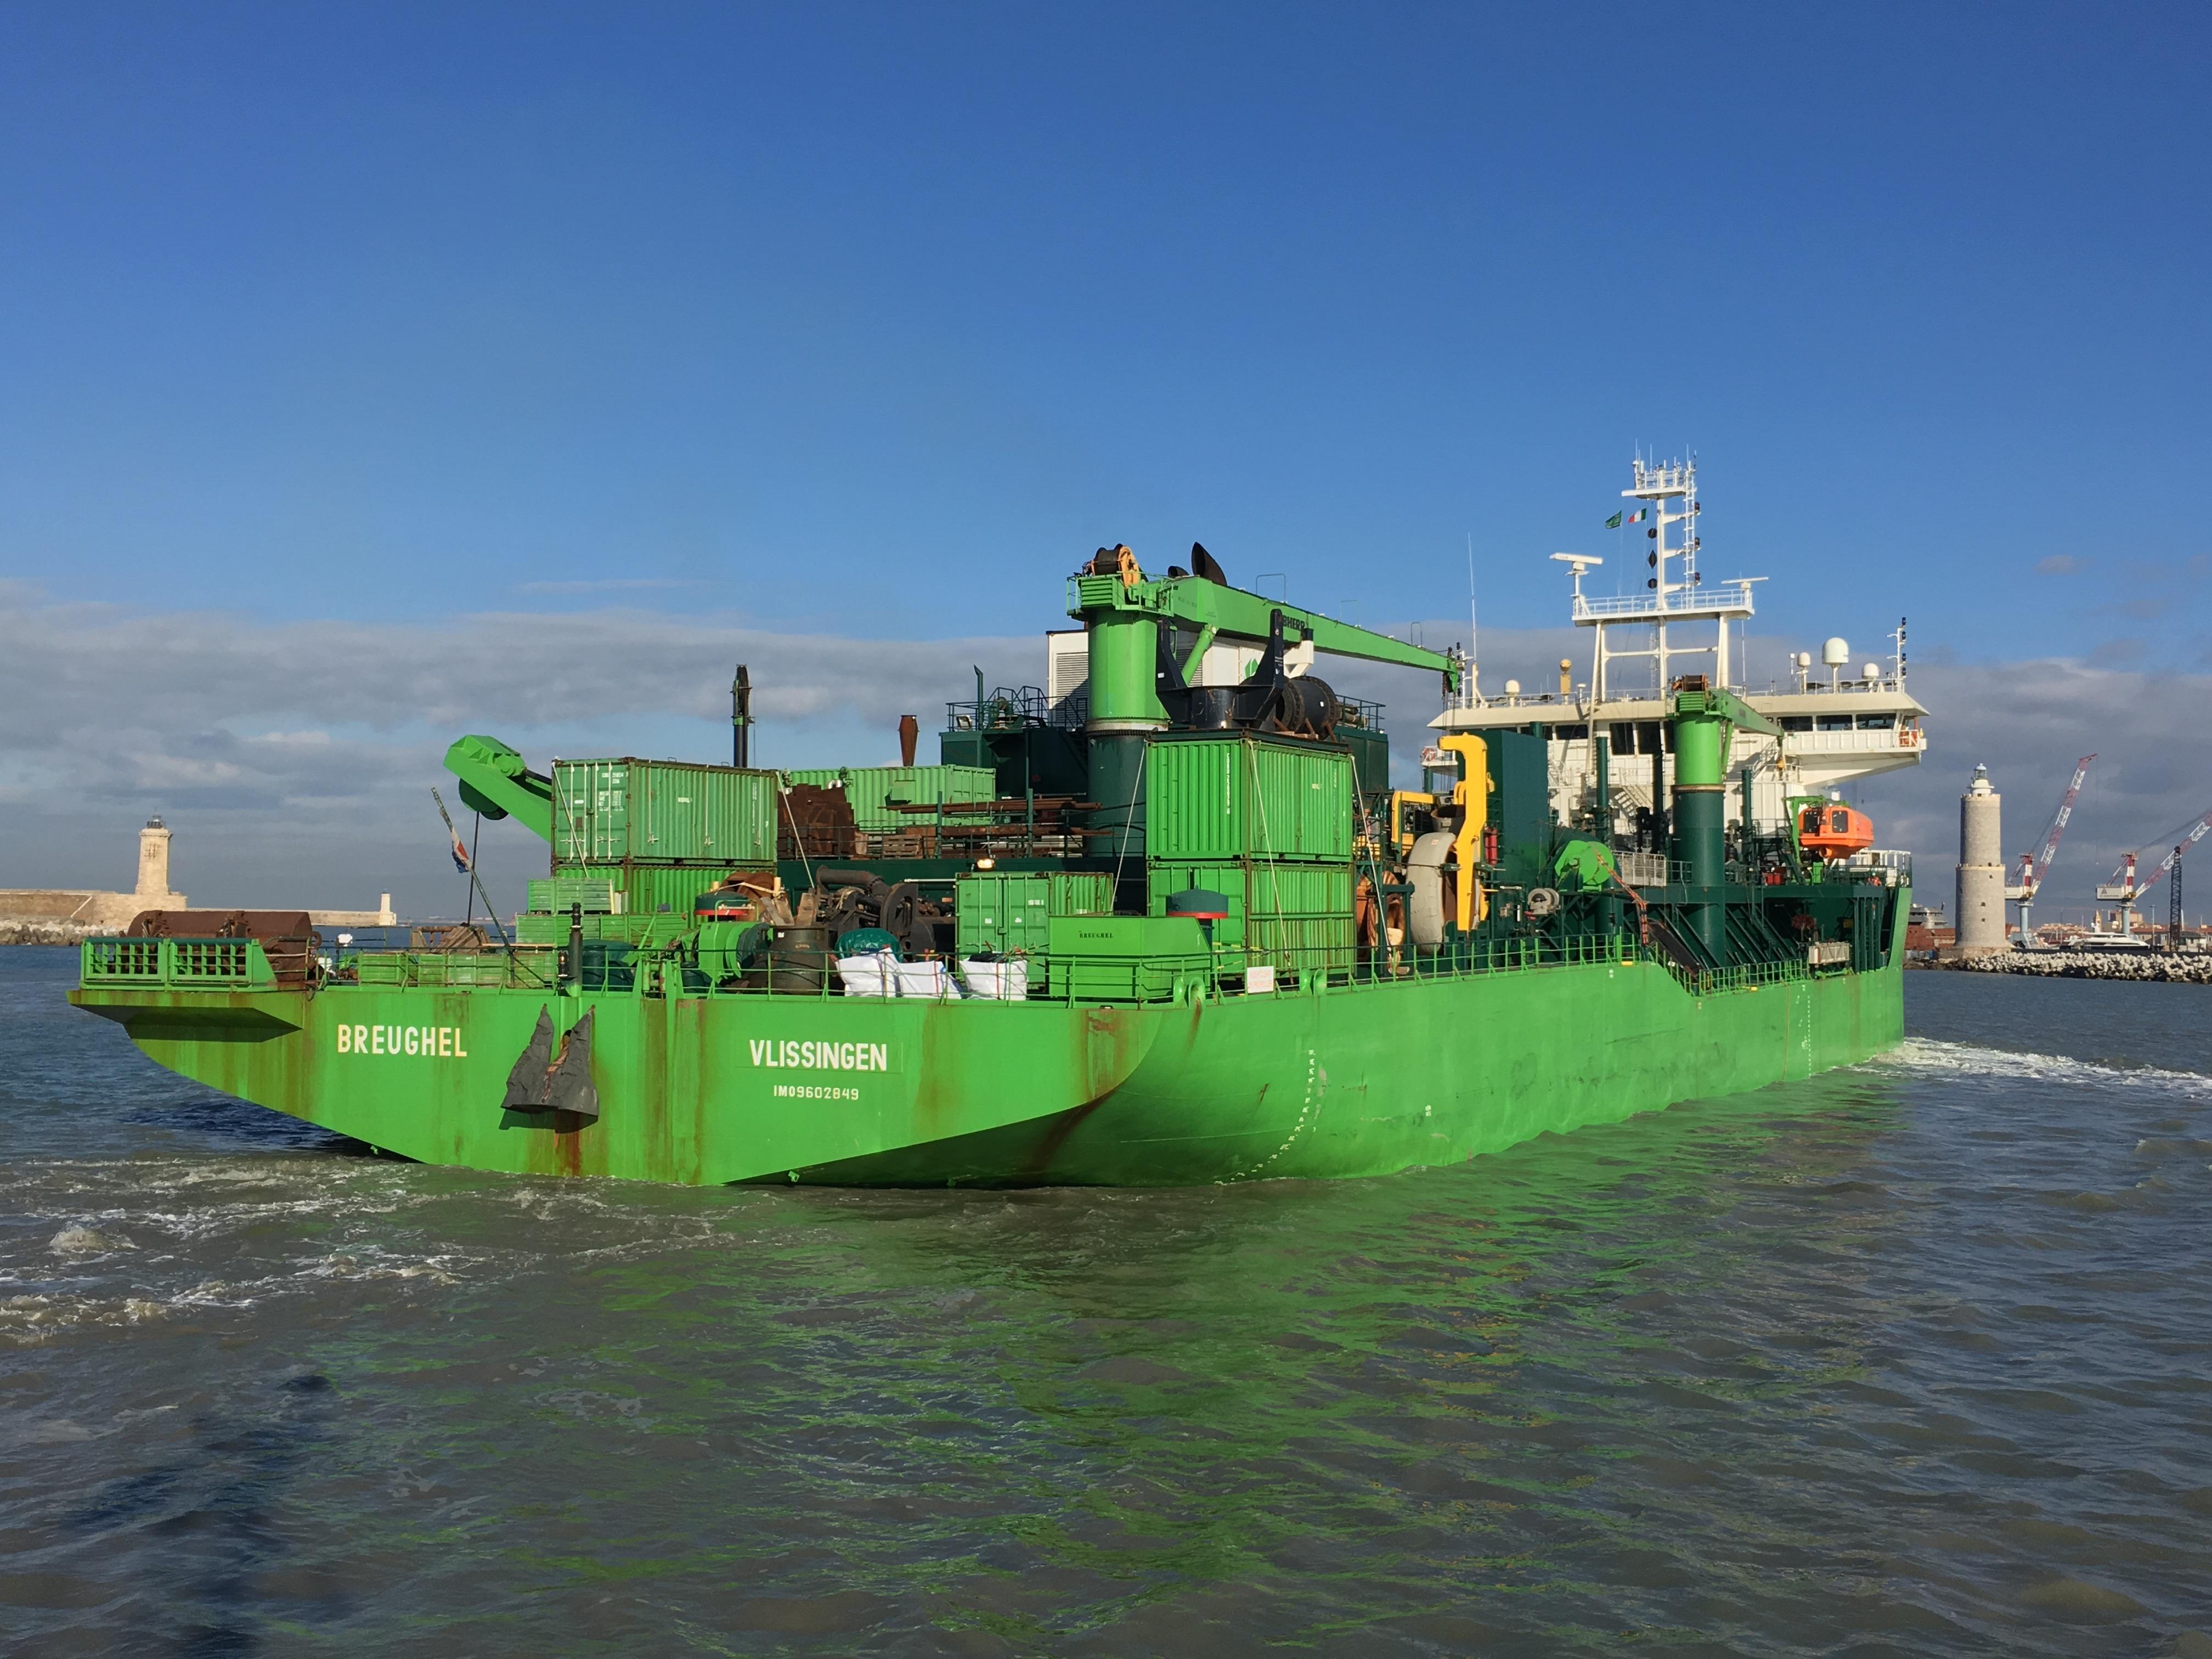 Port Authority wants Livorno to be big ship ready - Autorità di